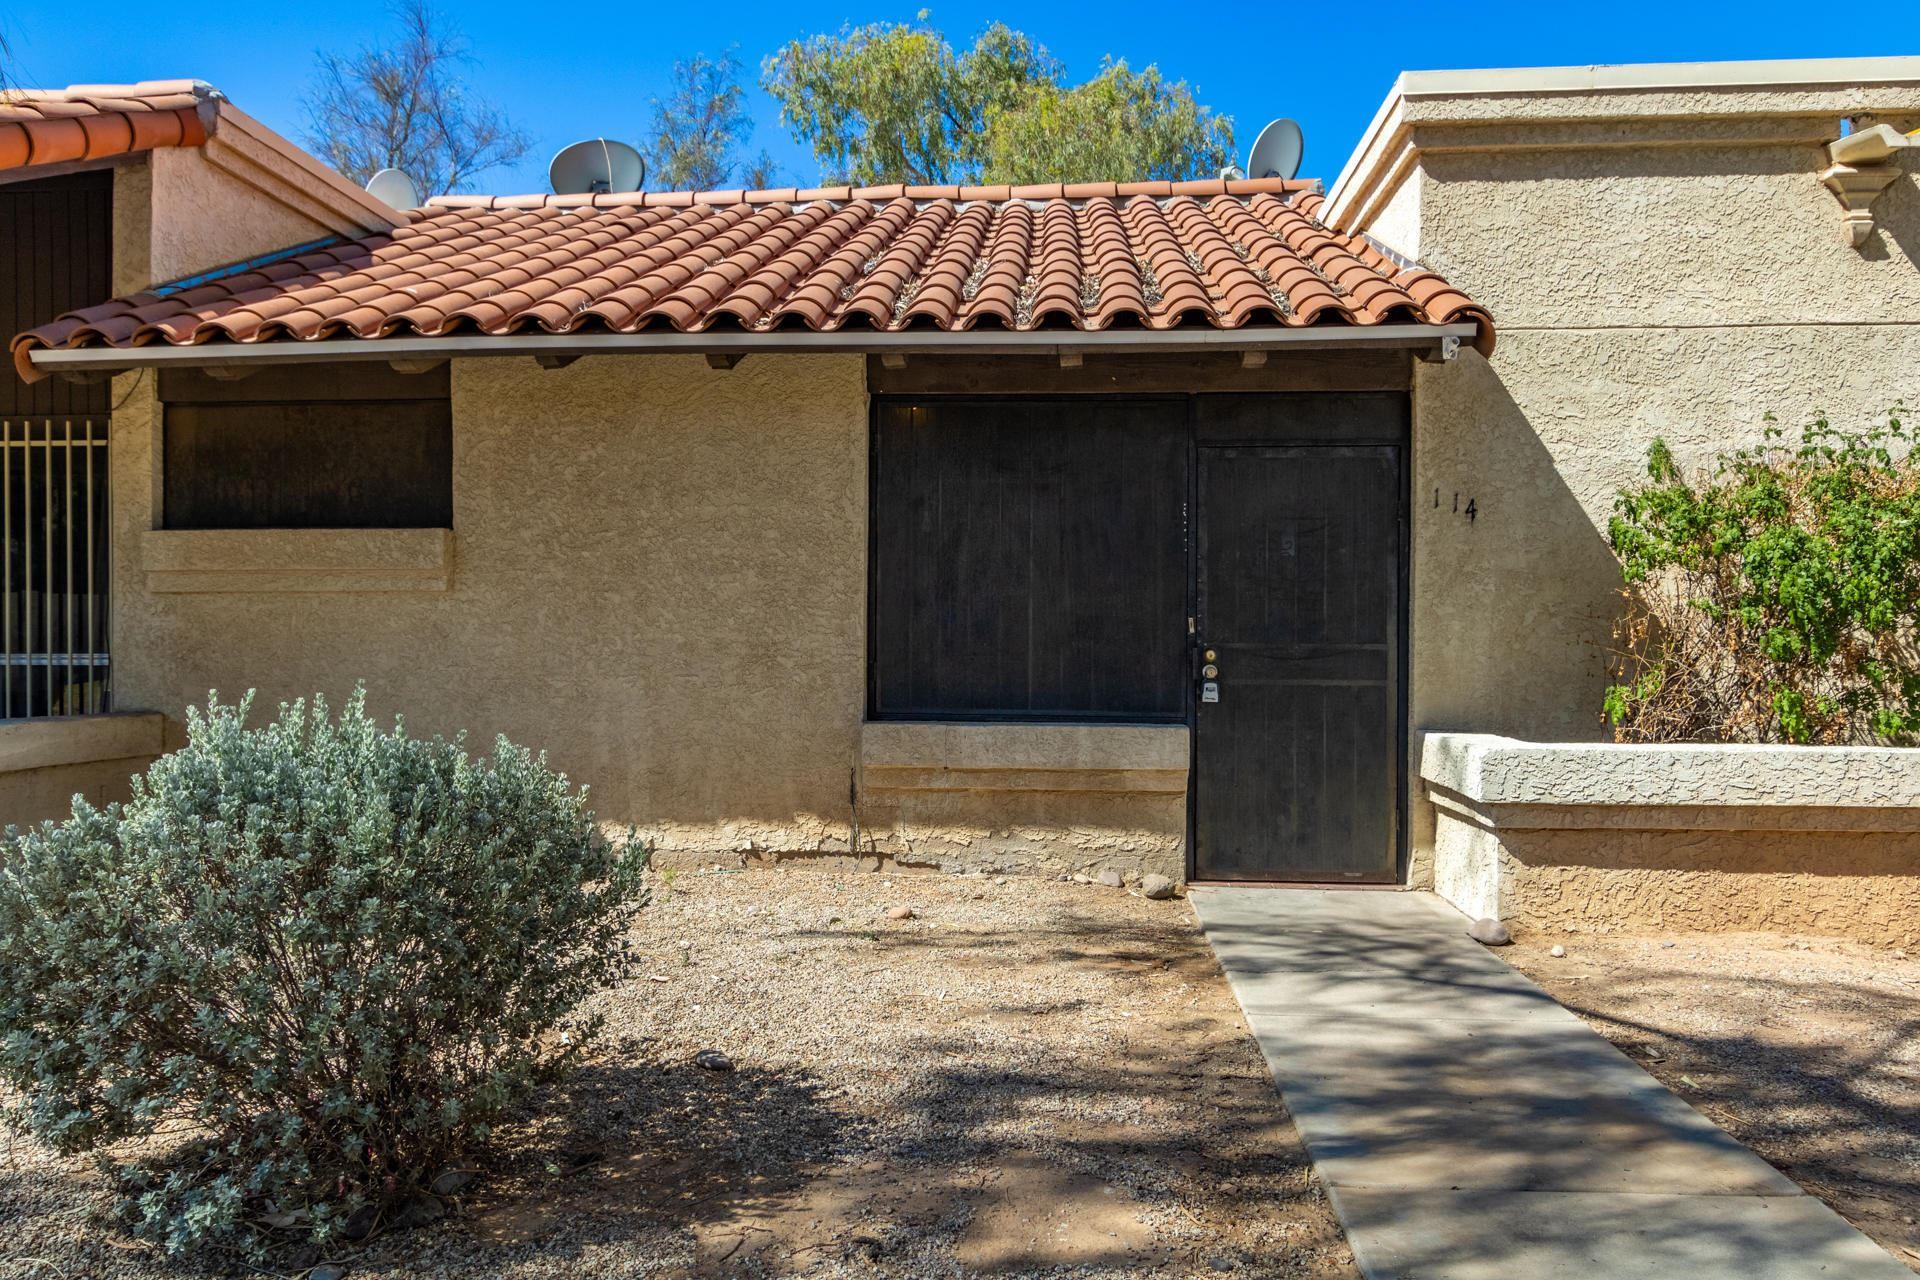 9020 W HIGHLAND Avenue #114, Phoenix, AZ 85037 - MLS#: 6230158